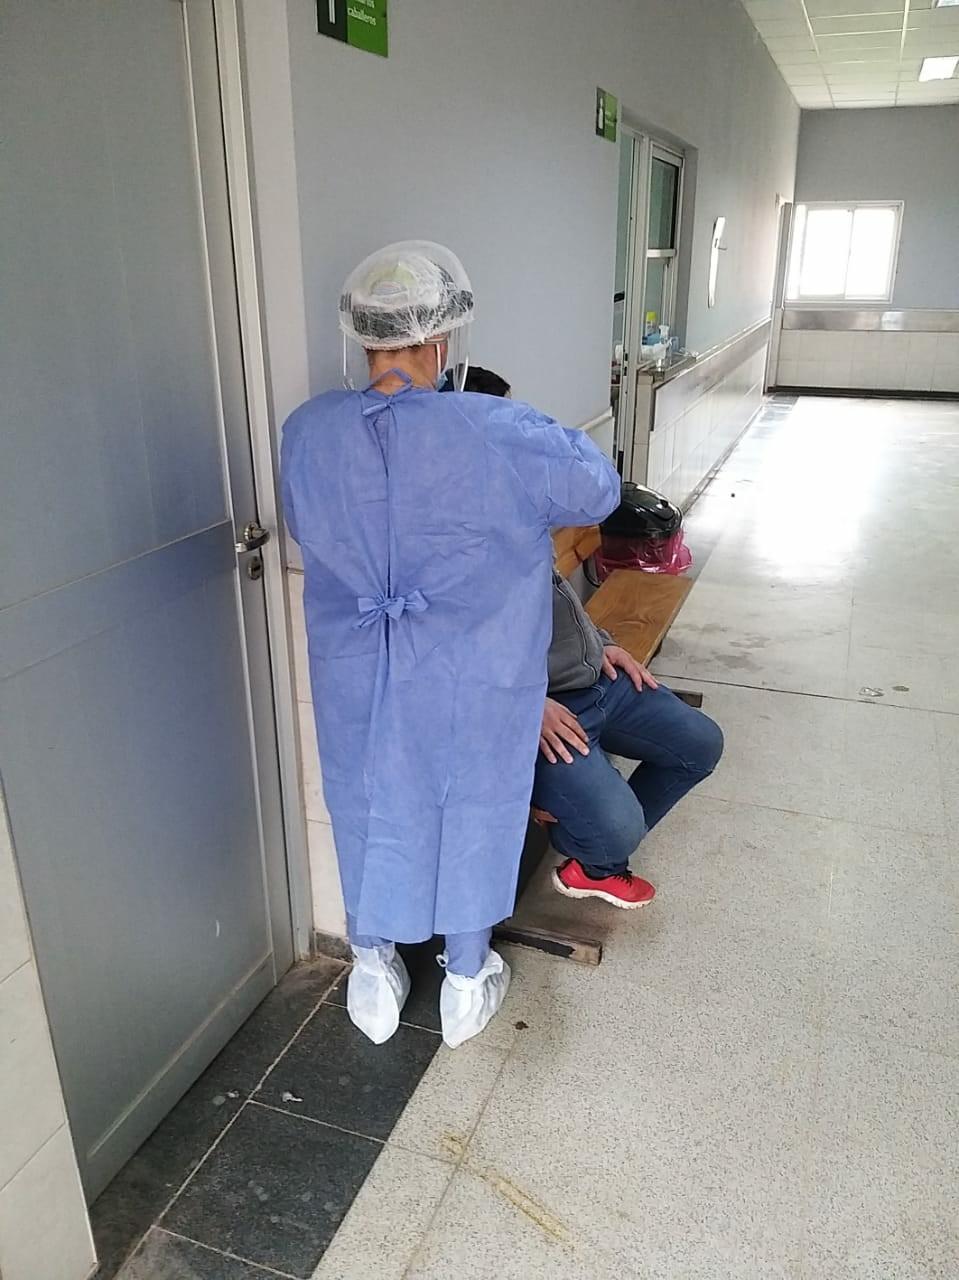 Castelli: habilitaron consultorio de febriles para atención de pacientes con síntomas de covid-19